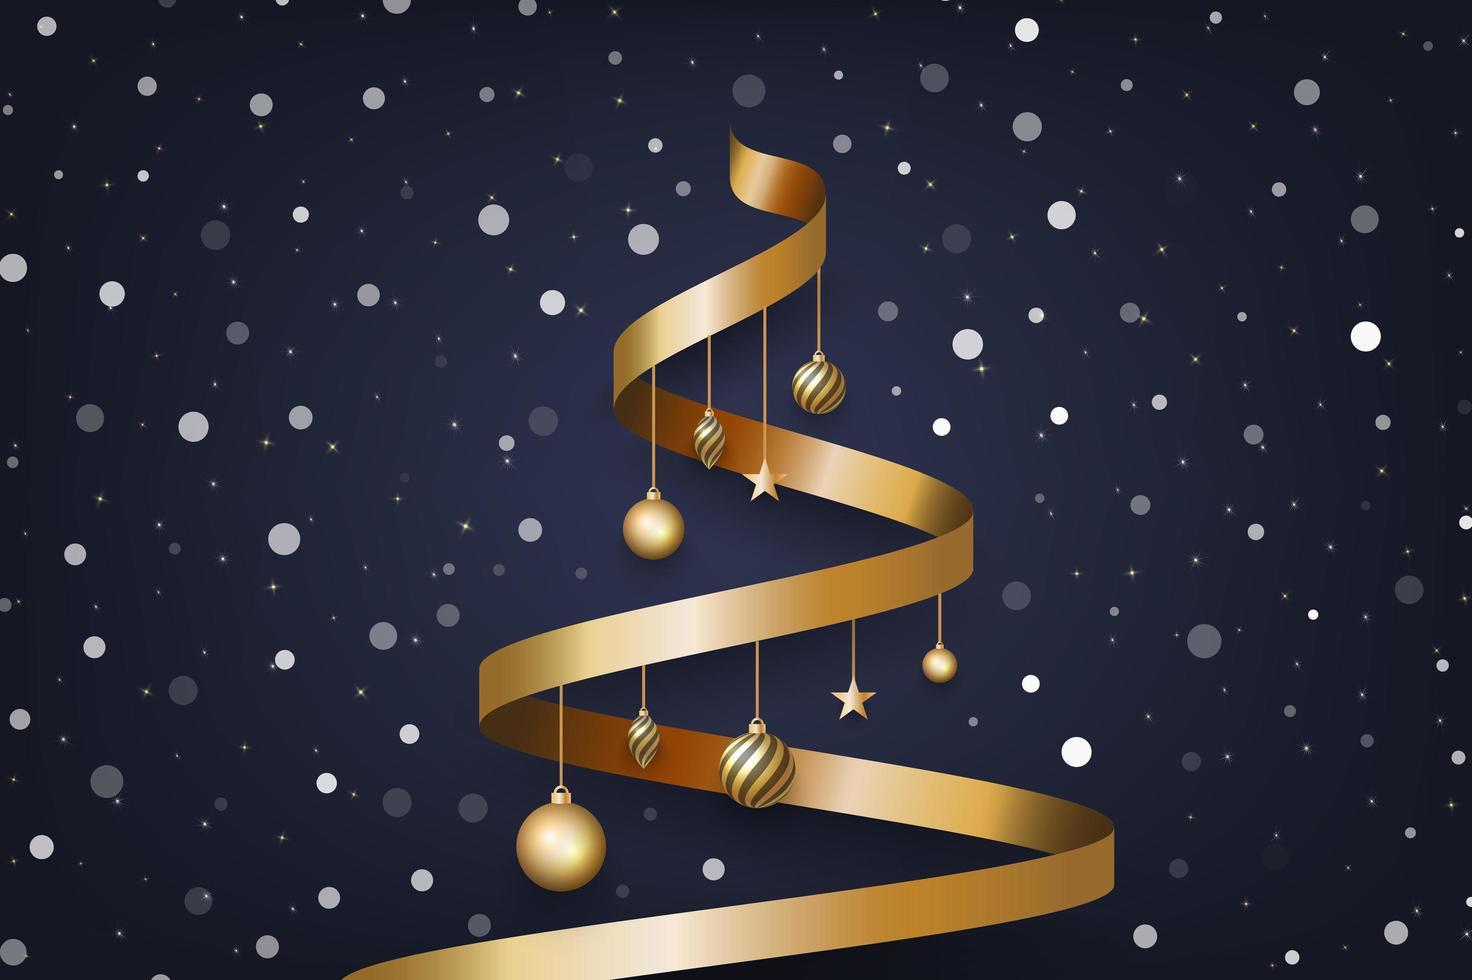 Weihnachtshintergrund mit Baum aus goldenem Band und Schnee vektor